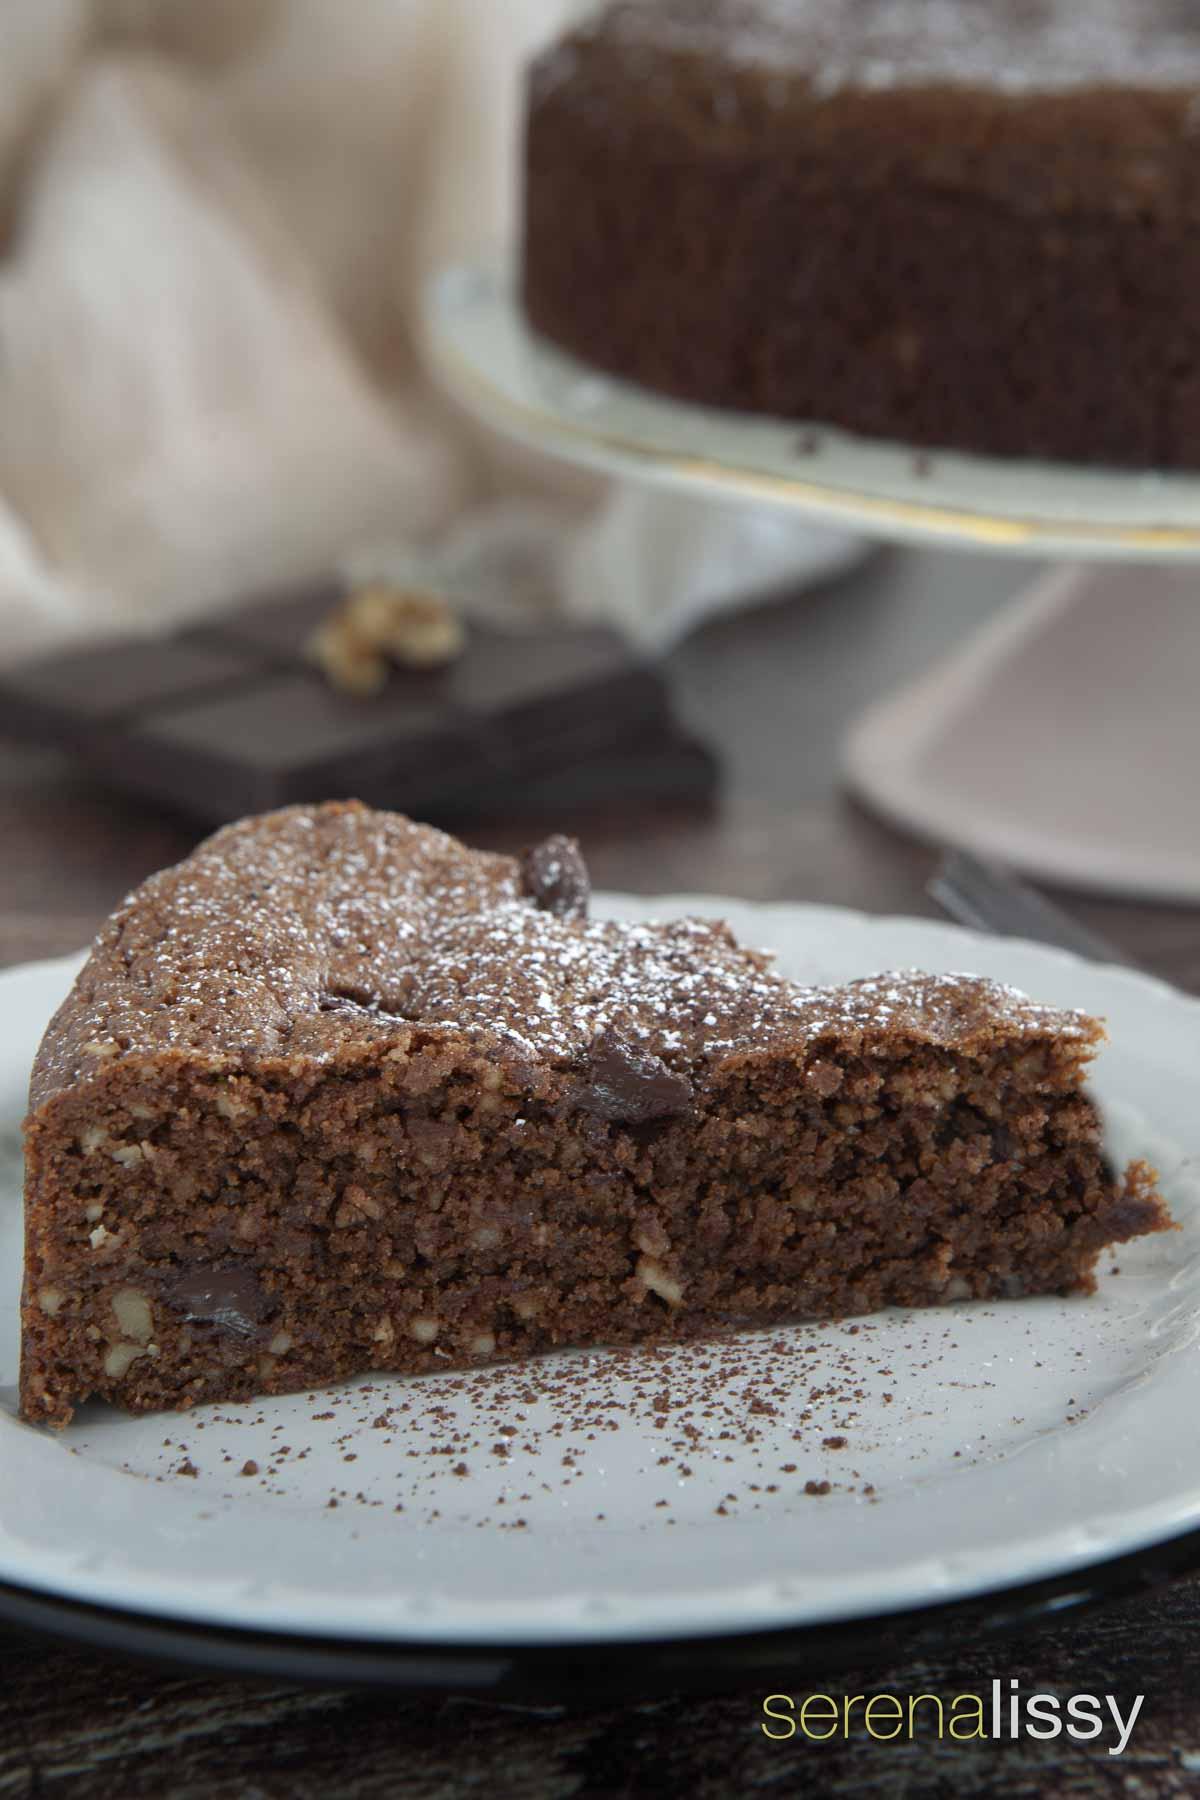 Slice of Chocolate Walnut Cake